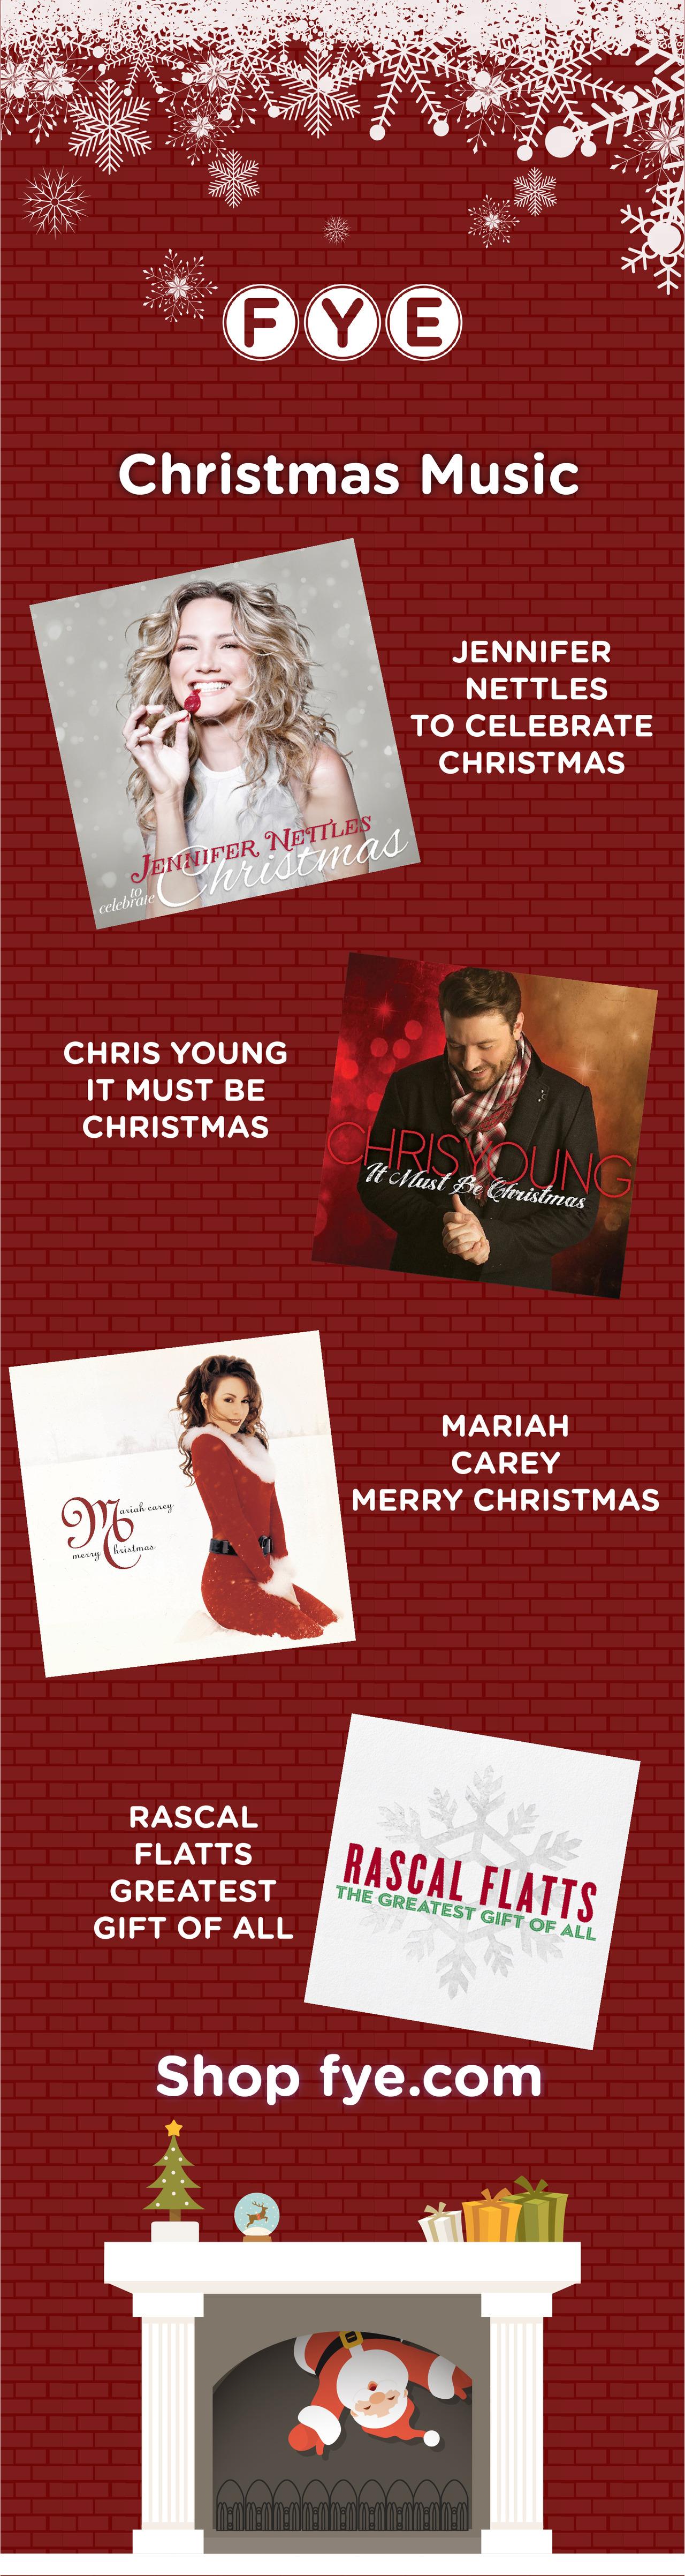 Shop holiday music favorites at FYE! Mariah carey merry